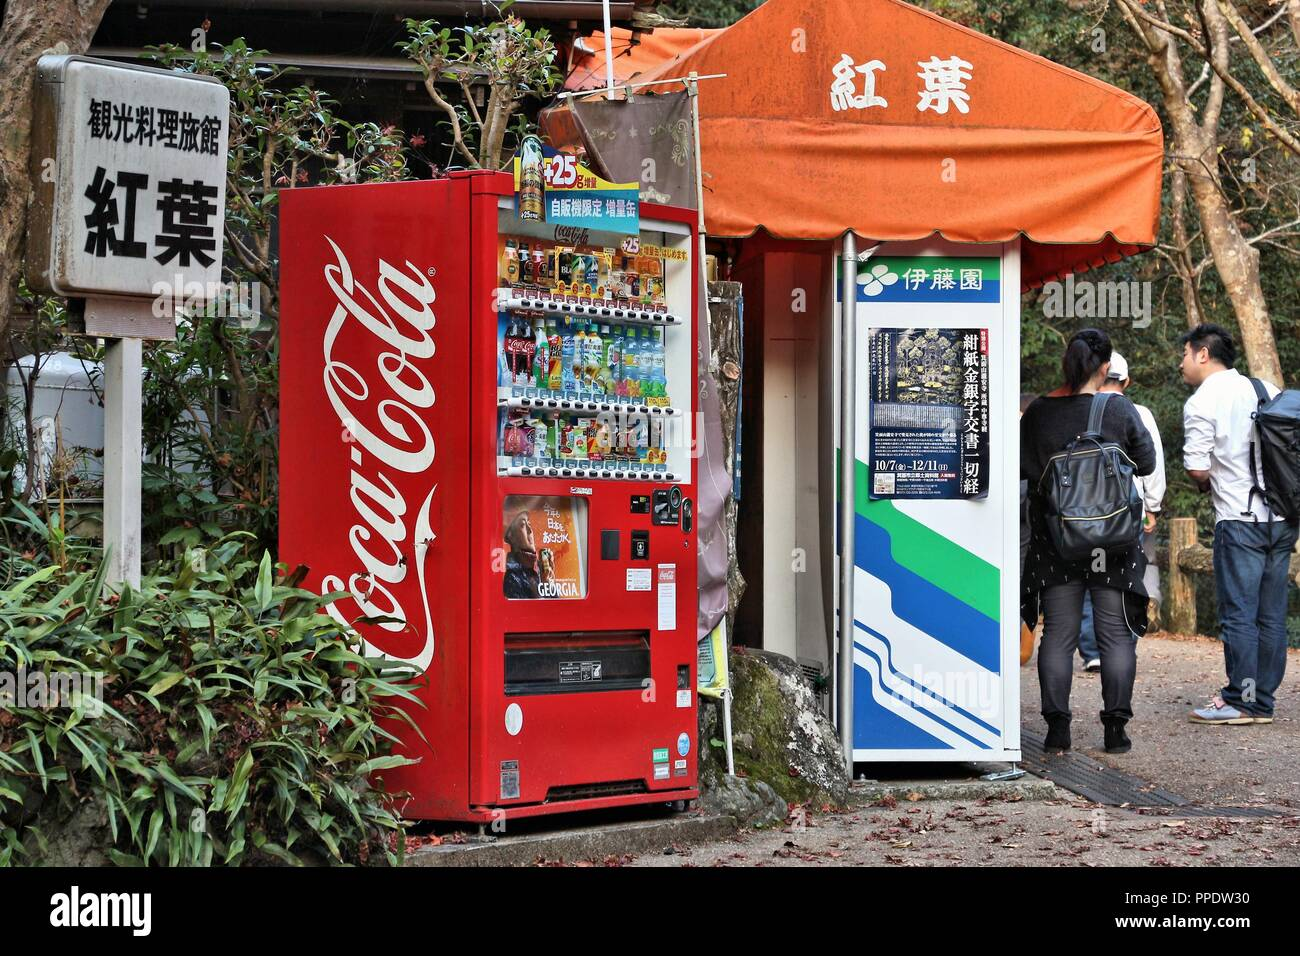 slot machines for bottles